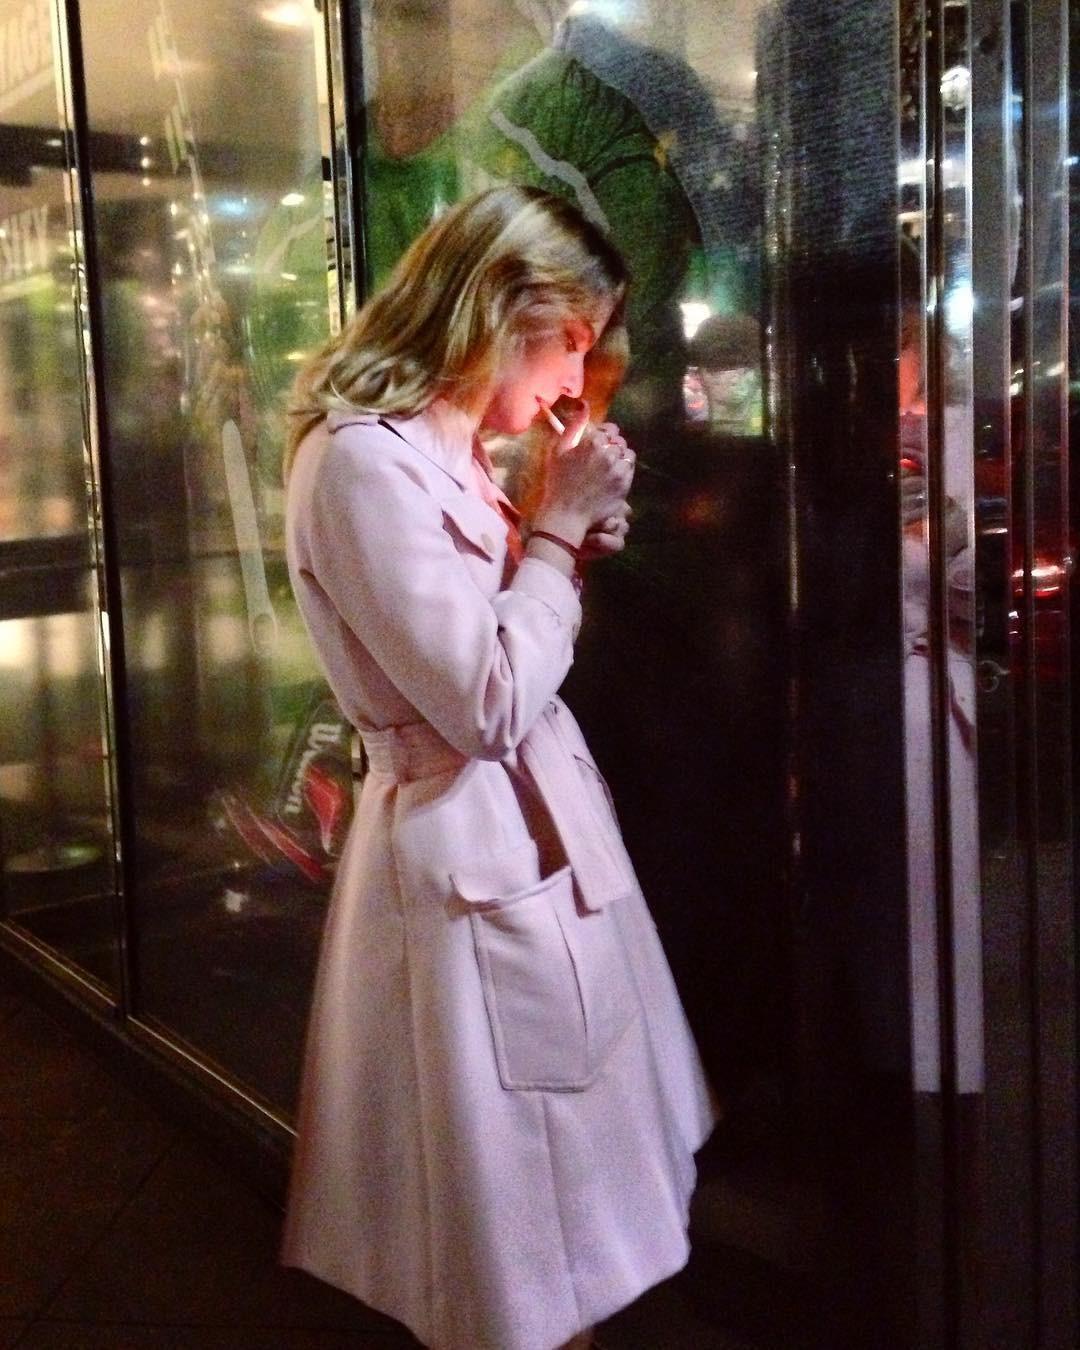 «Девушка с сигаретой». Автор Дэниел Арнольд